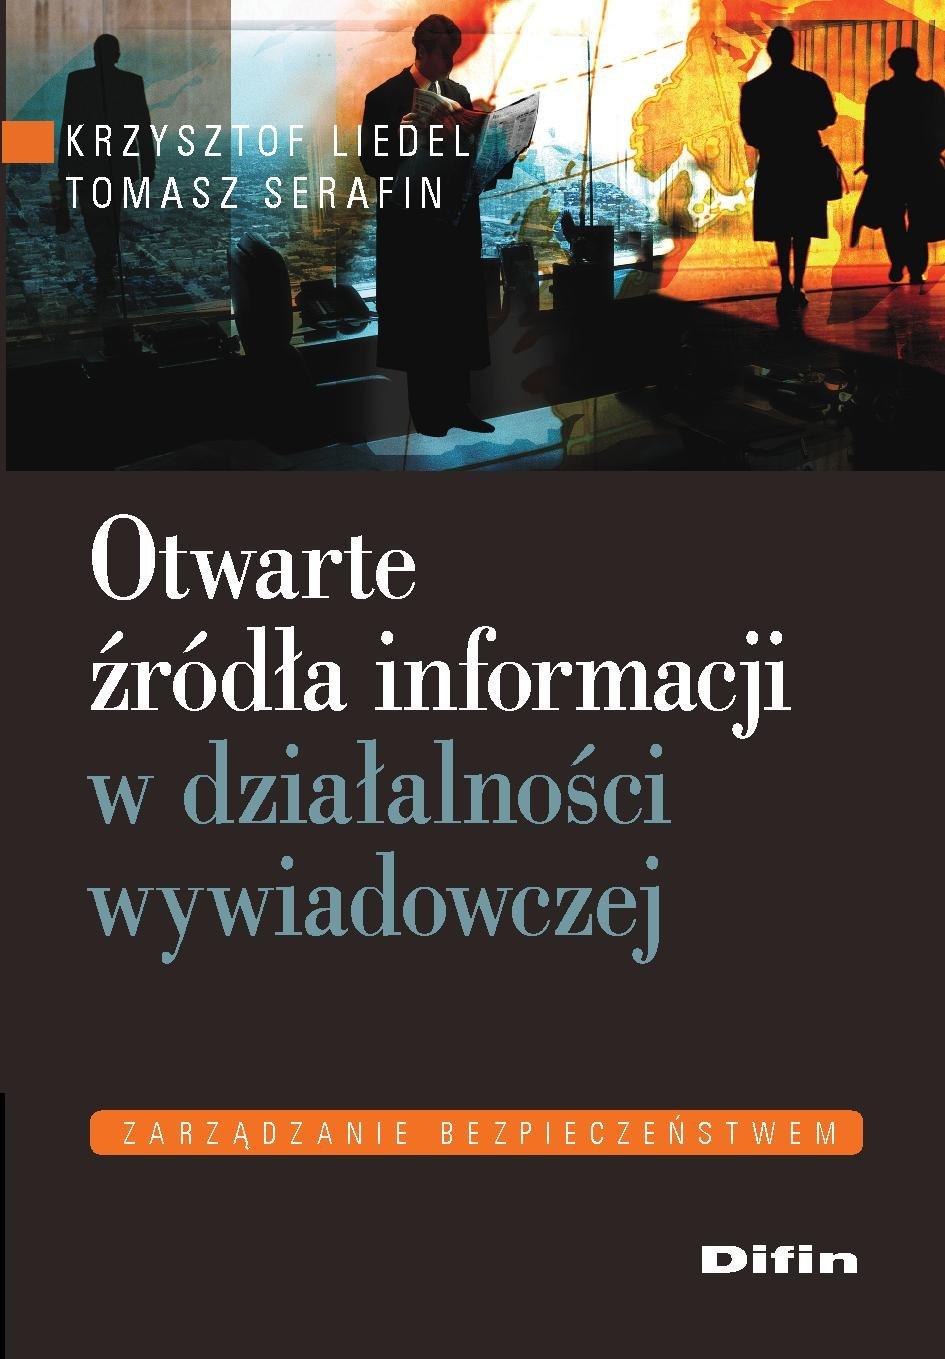 Otwarte źródła informacji w działalności wywiadowczej - Ebook (Książka PDF) do pobrania w formacie PDF